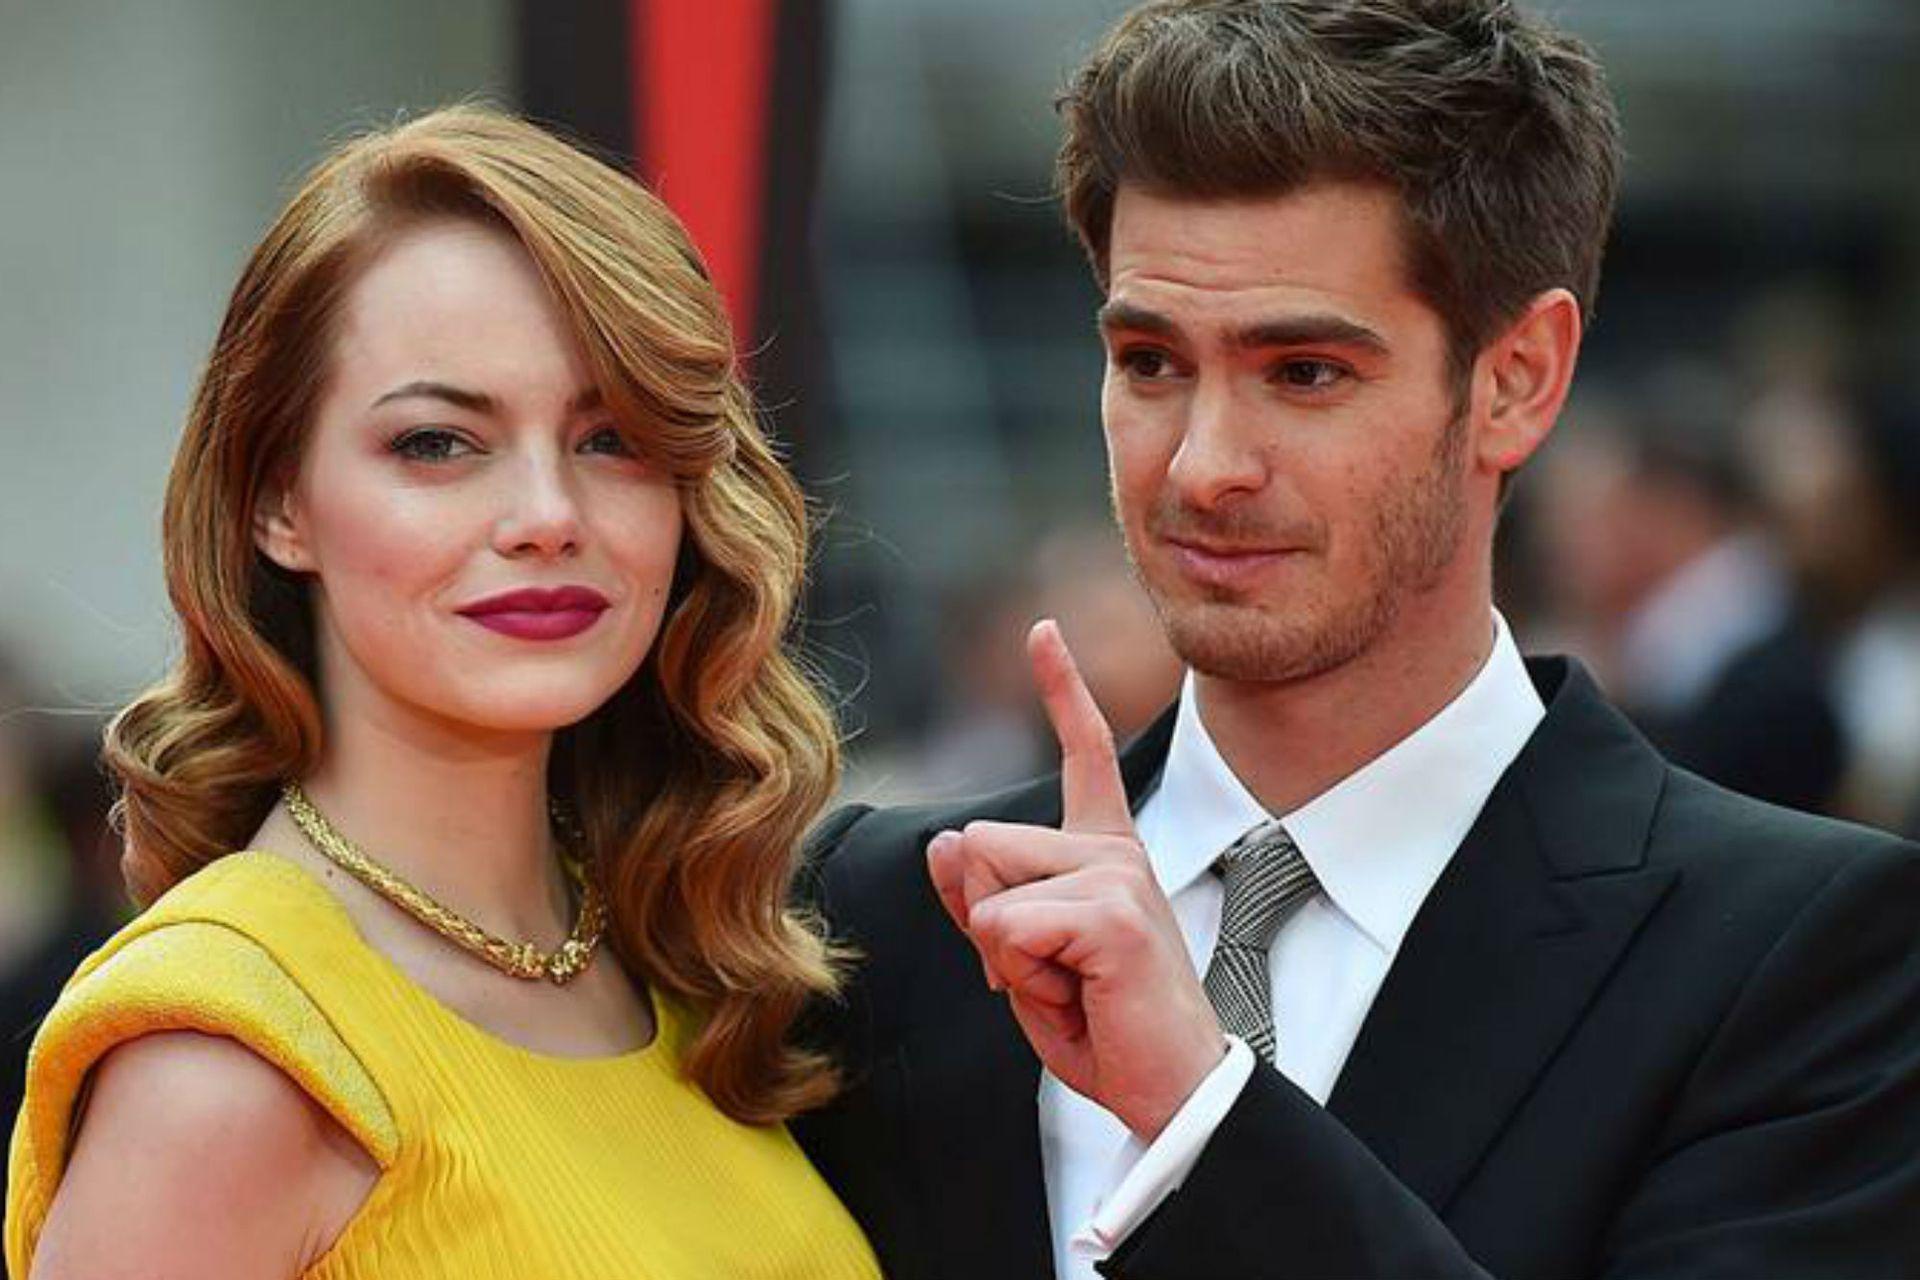 Los actores decidieron separarse en 2015, pero siguen siendo amigos en la actualidad